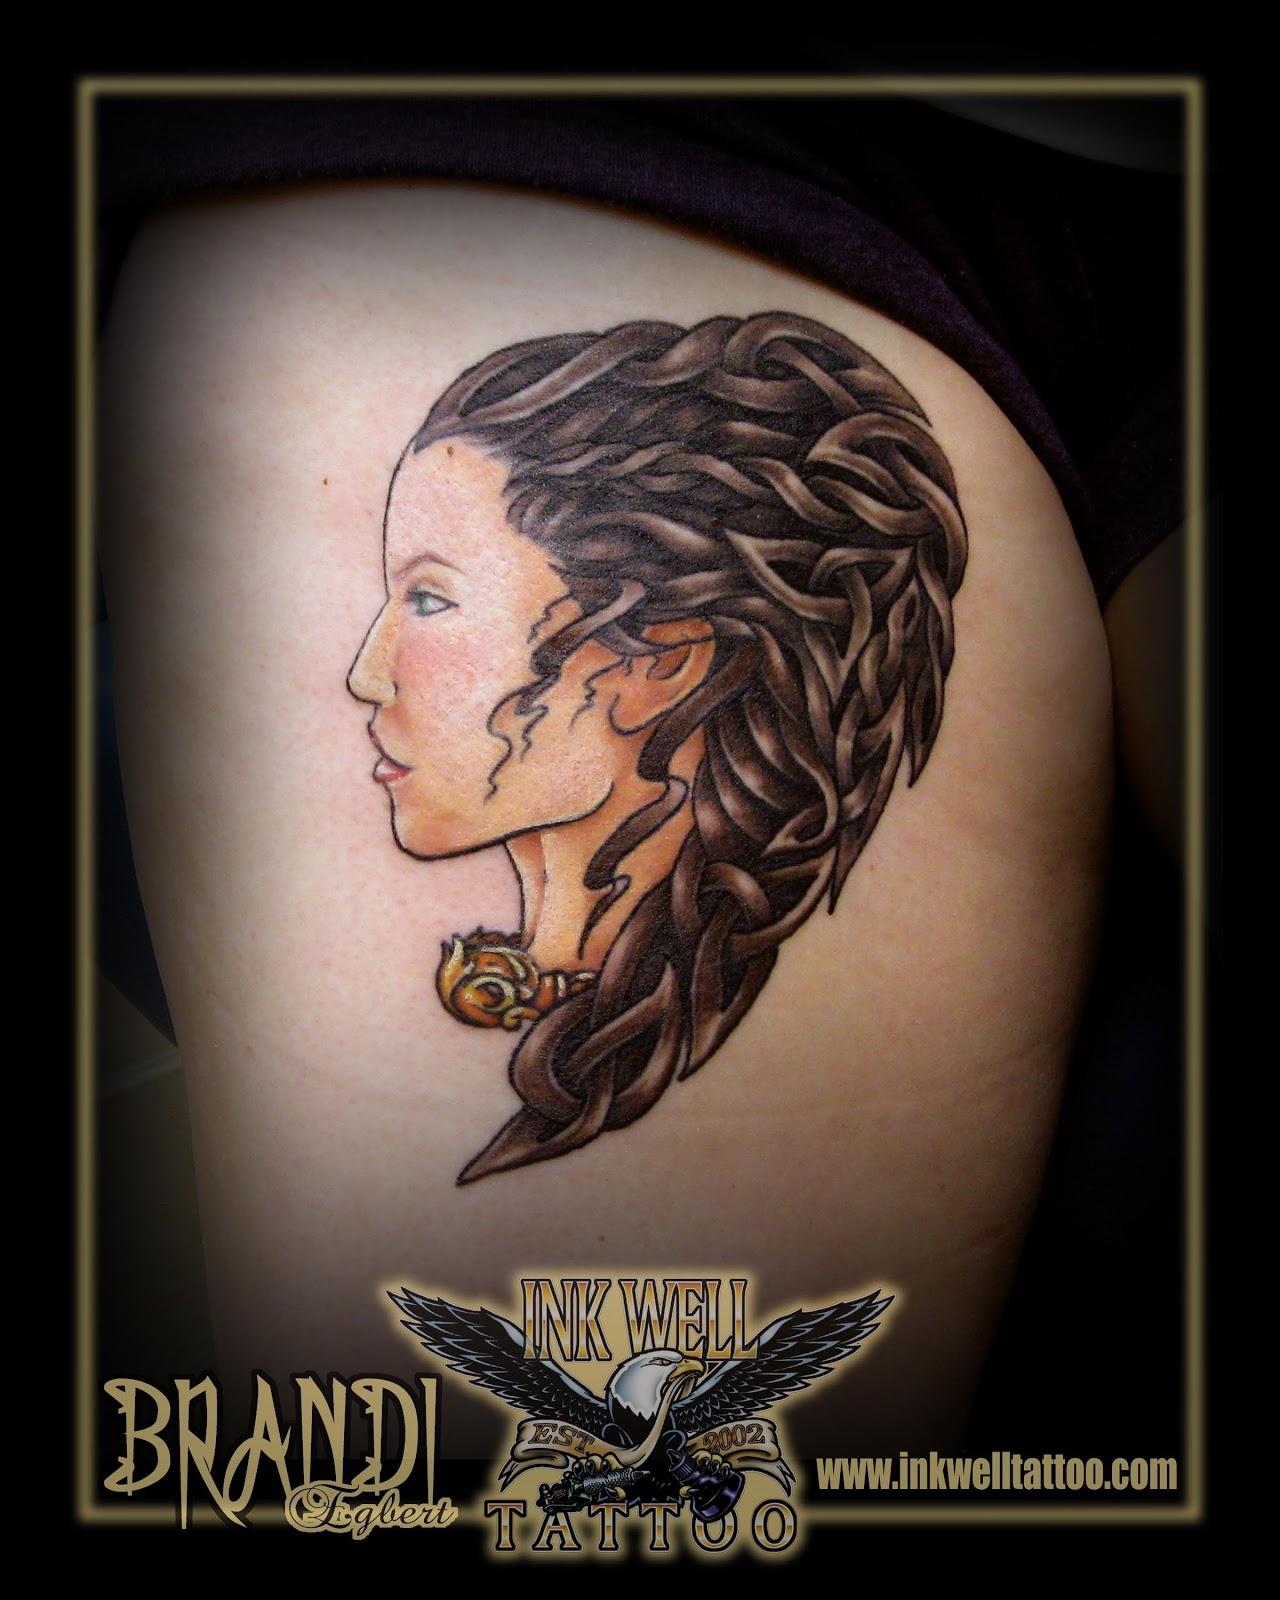 Scottish Warrior Tattoos: Brandi Egbert (Ink Well Tattoo